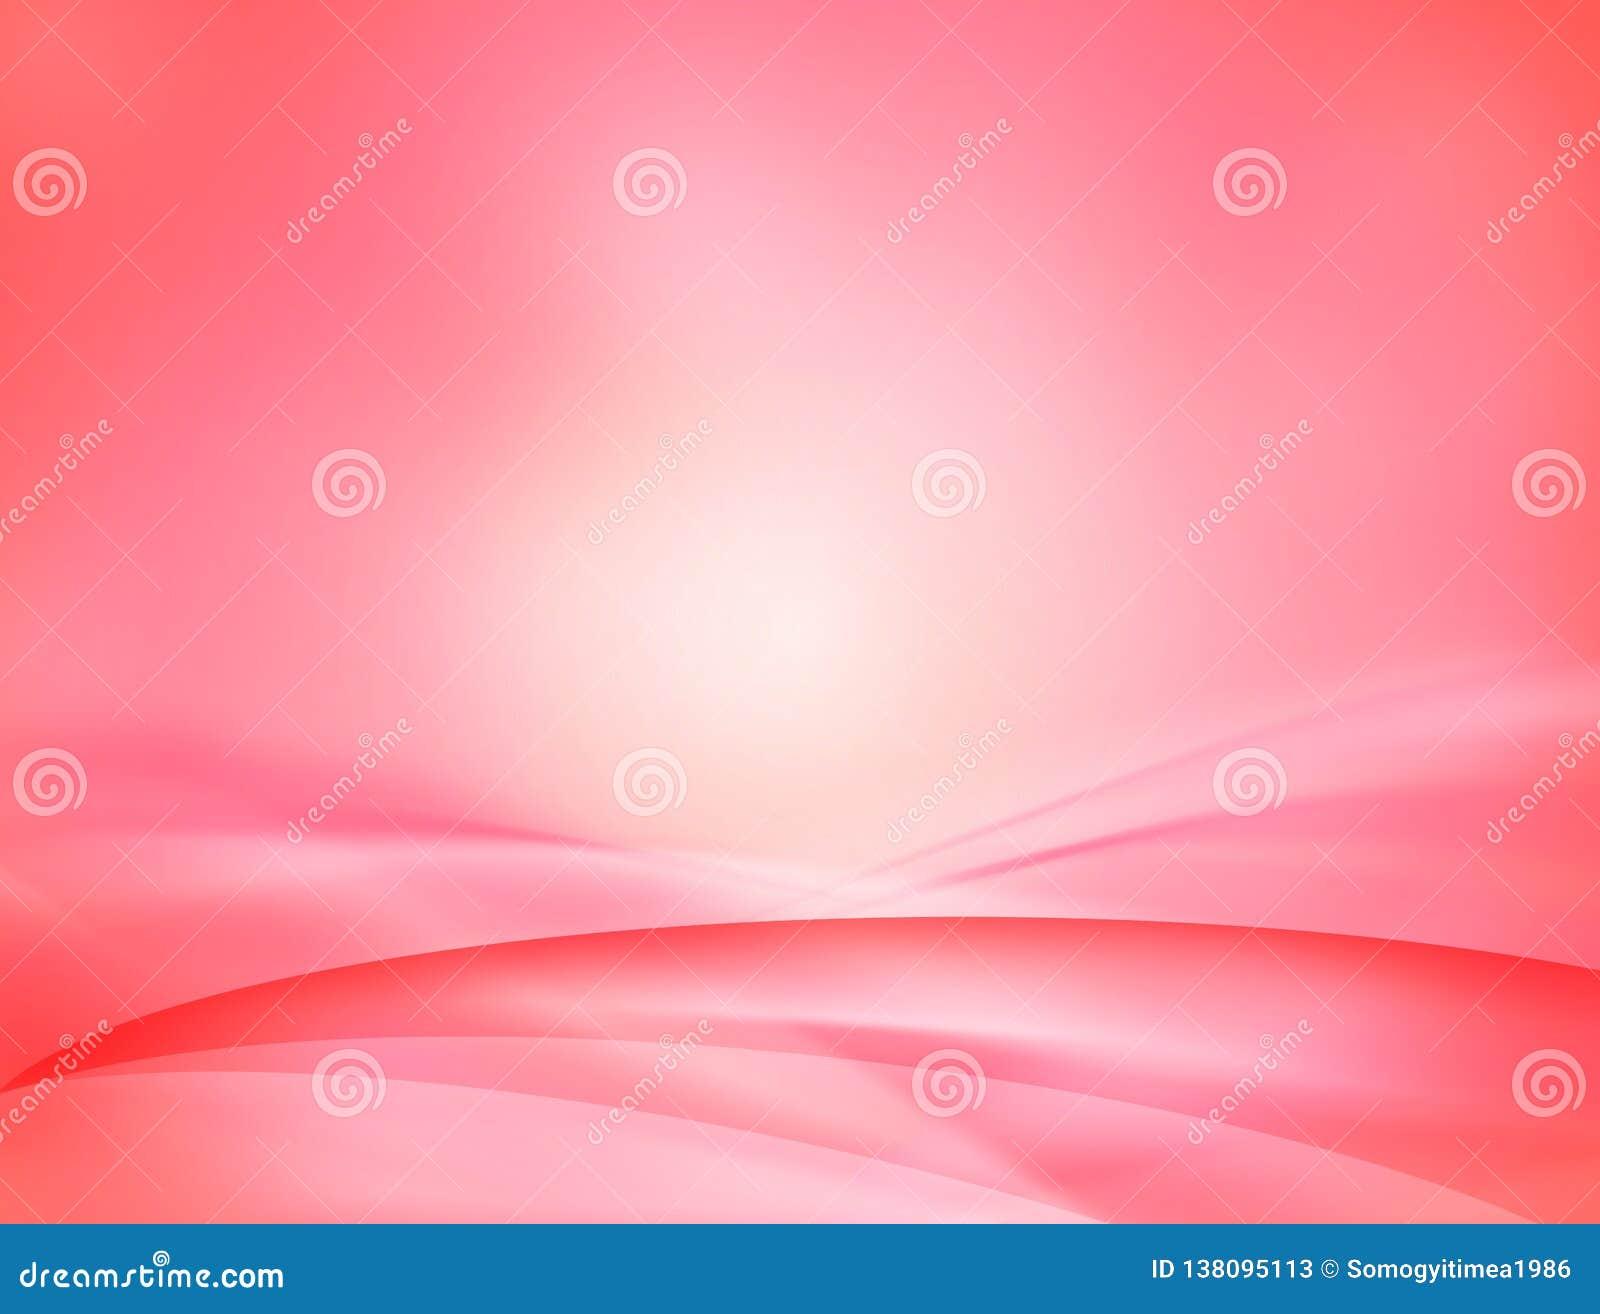 αφηρημένο ροζ ανασκόπησης